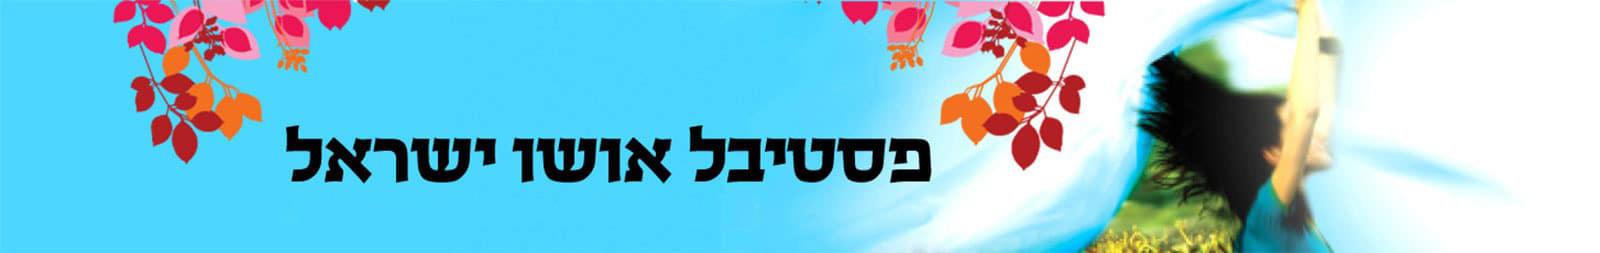 פסטיבל אושו ישראל